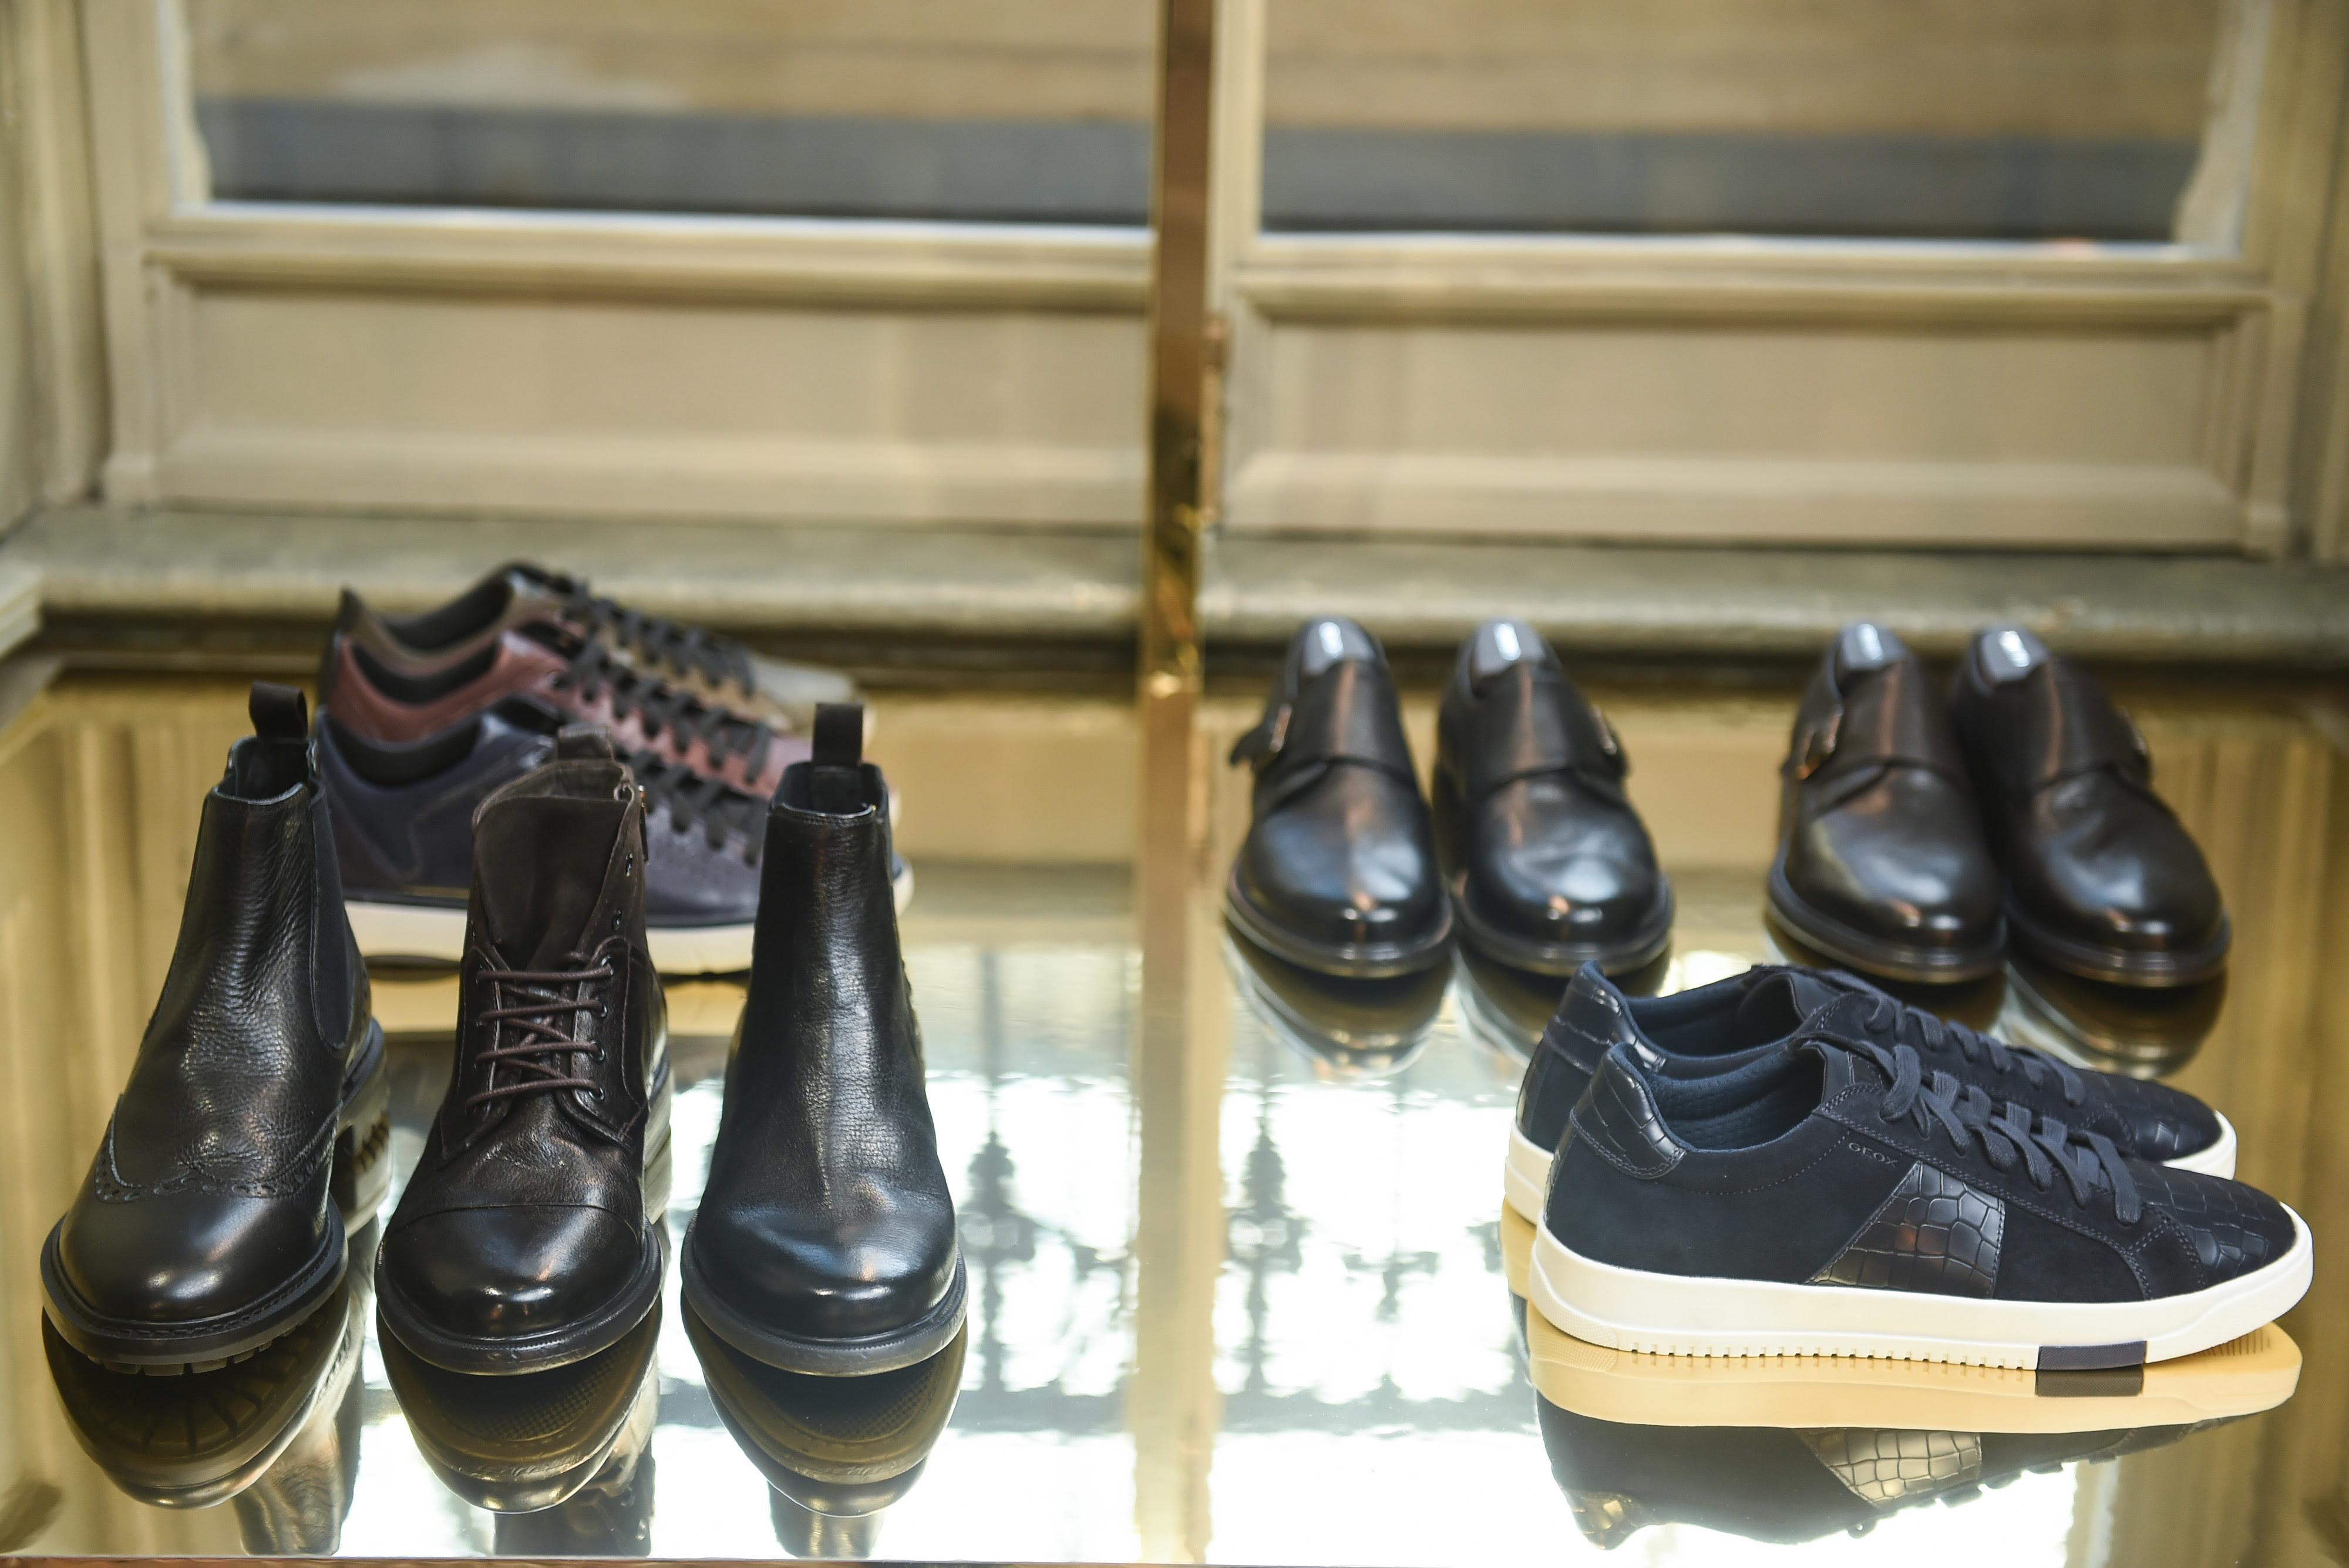 92c3cc68 689c 4923 97ab 12eeac83f924 - Geox presenta su colección para hombre Otoño/Invierno 2020 de calzado y prendas exteriores